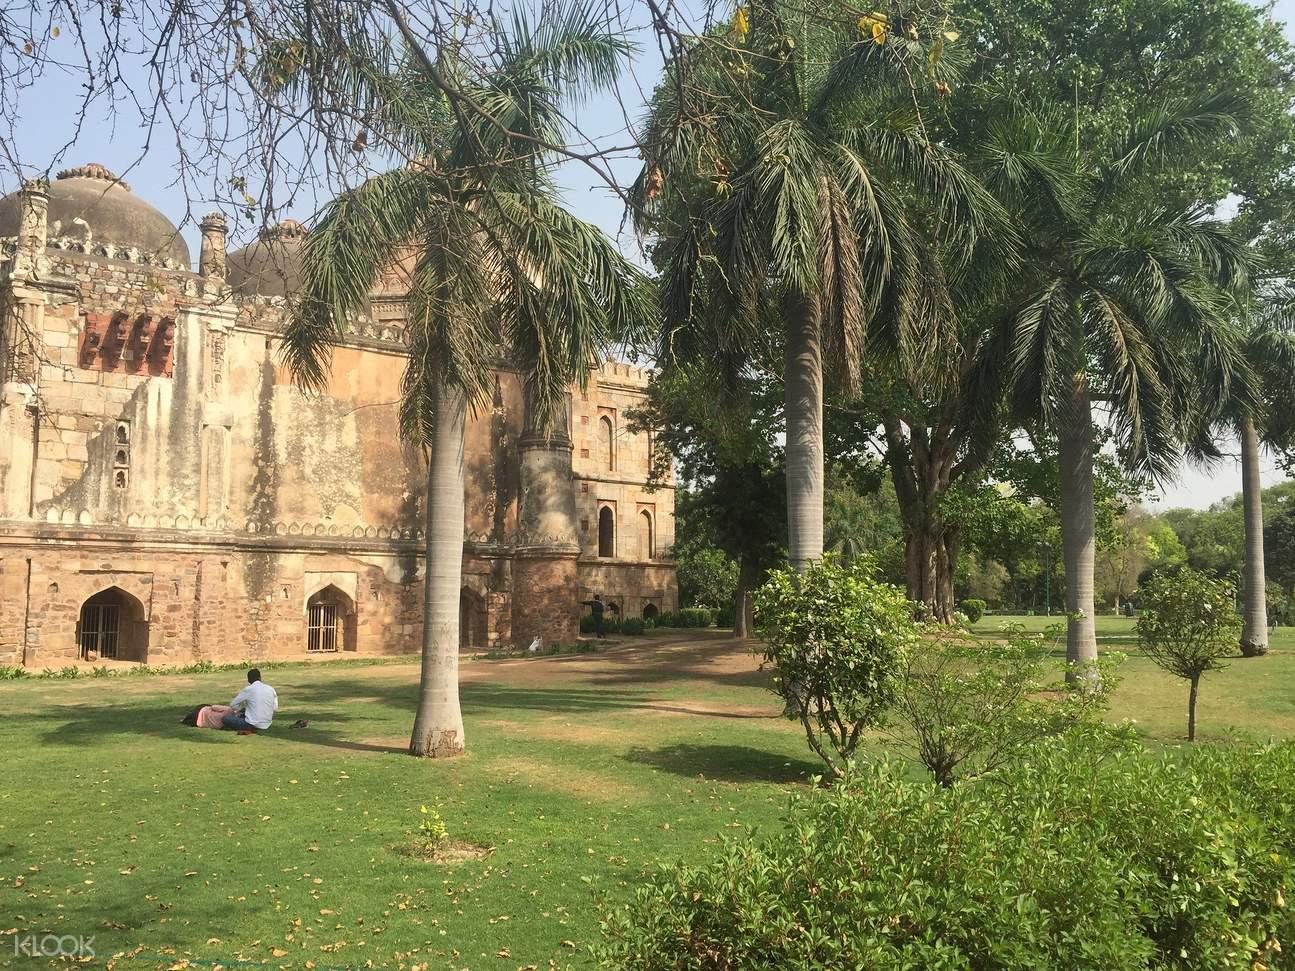 德里,德里清晨,洛迪花园,班戈拉·撒西比谒师所,国会大厦,印度门